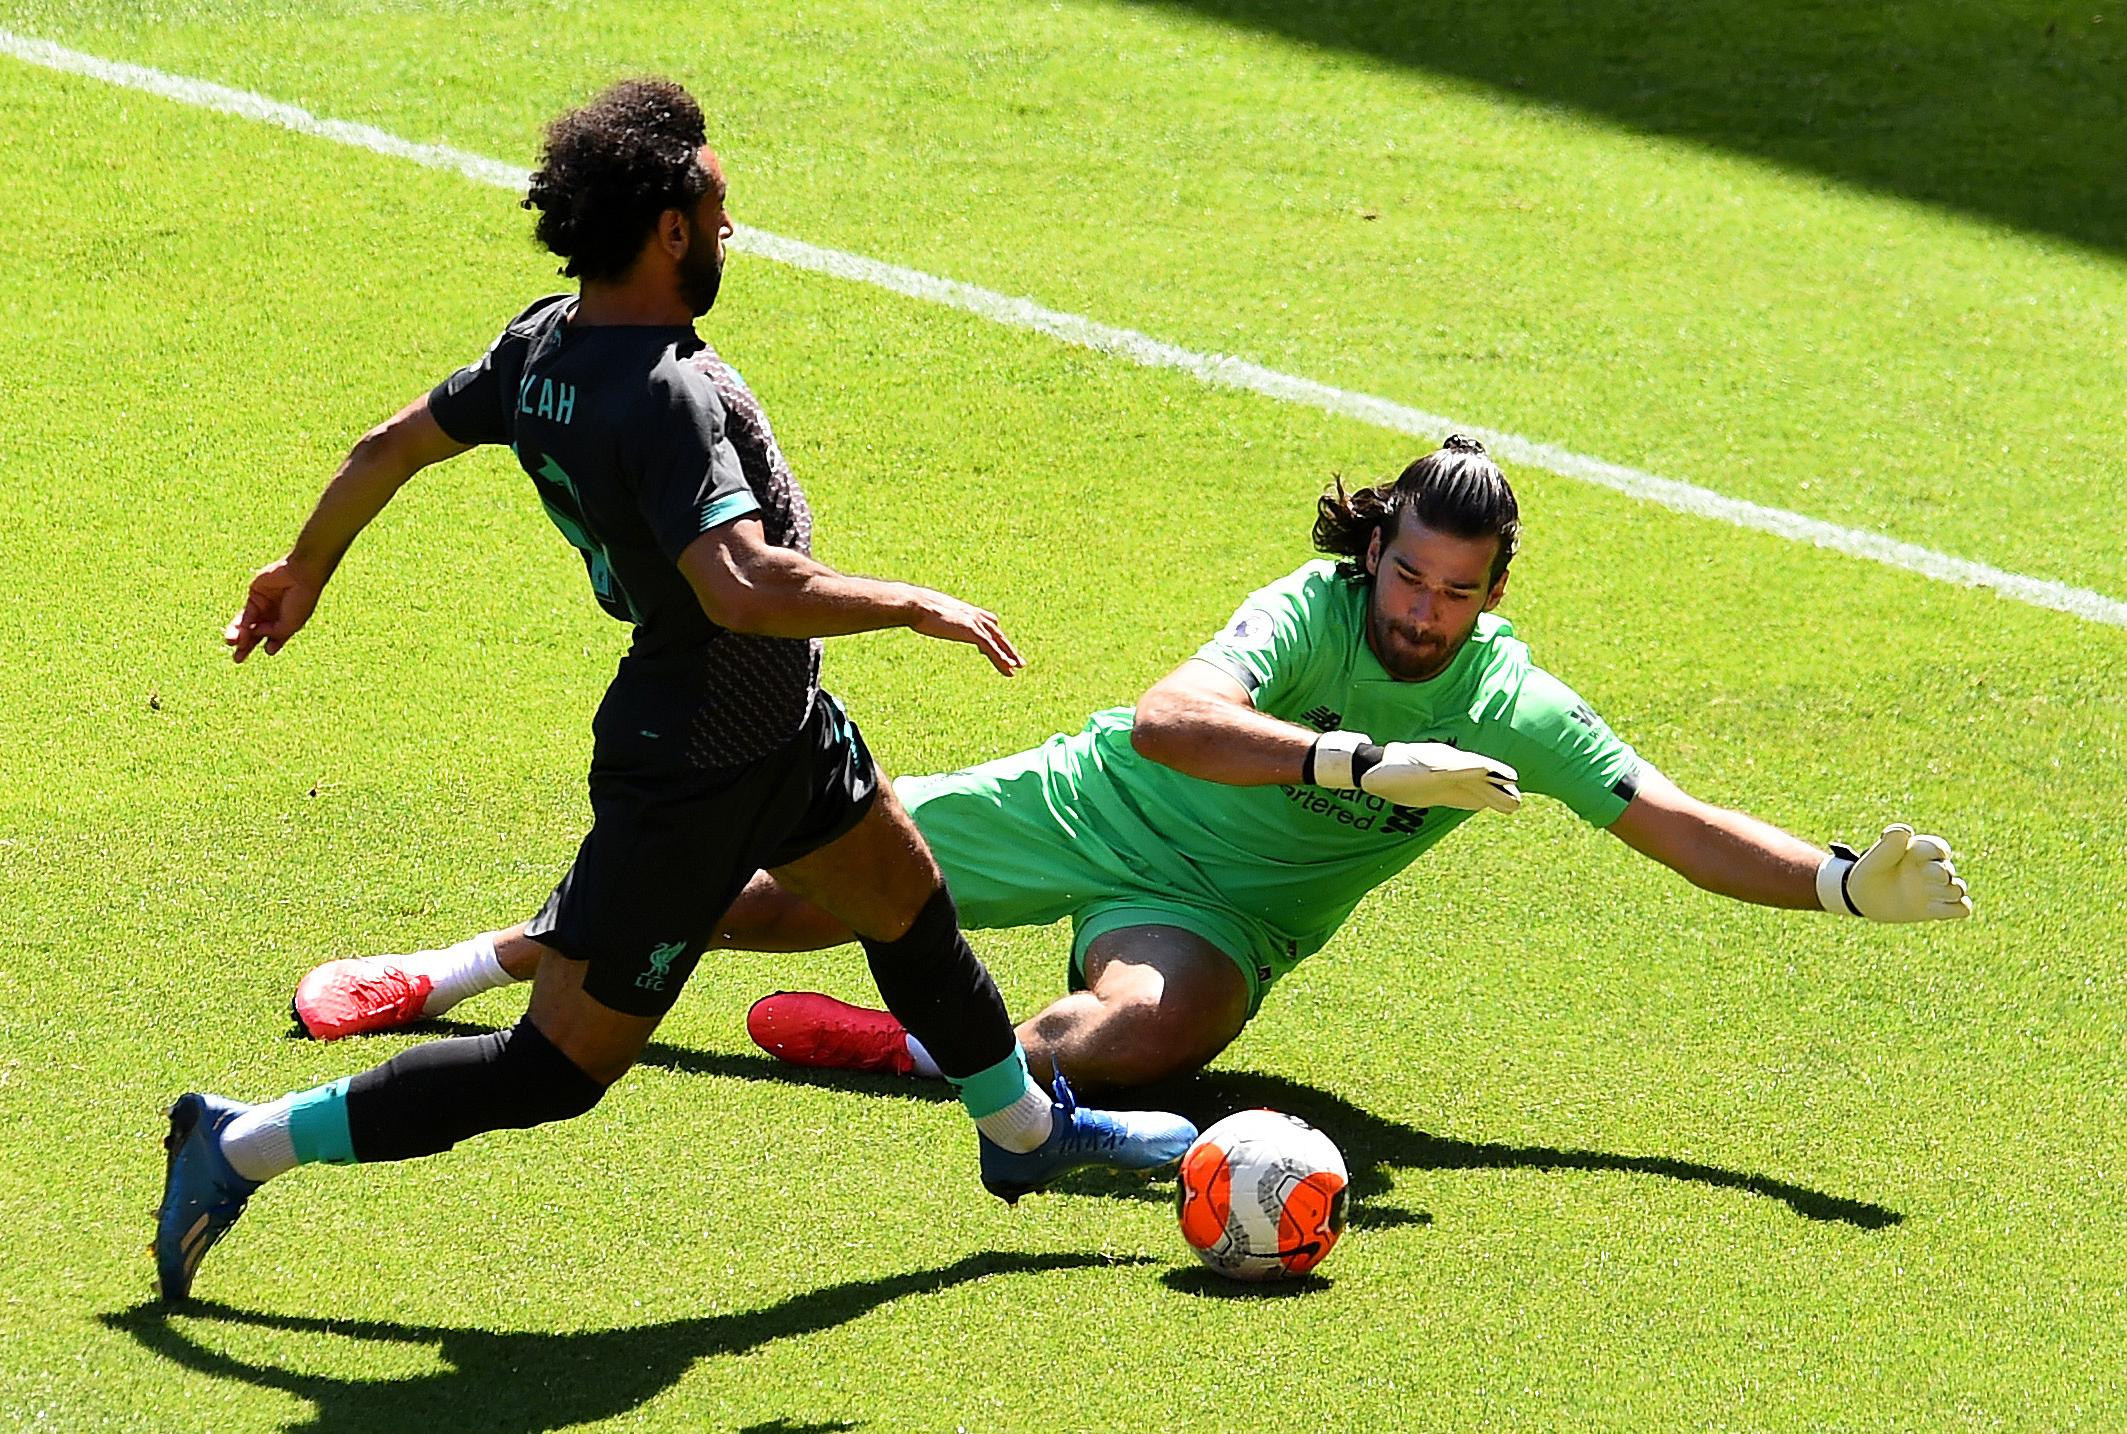 Кейта забивает, Вейналдум пропускает, игроки выражают поддержку - ФК Ливерпуль